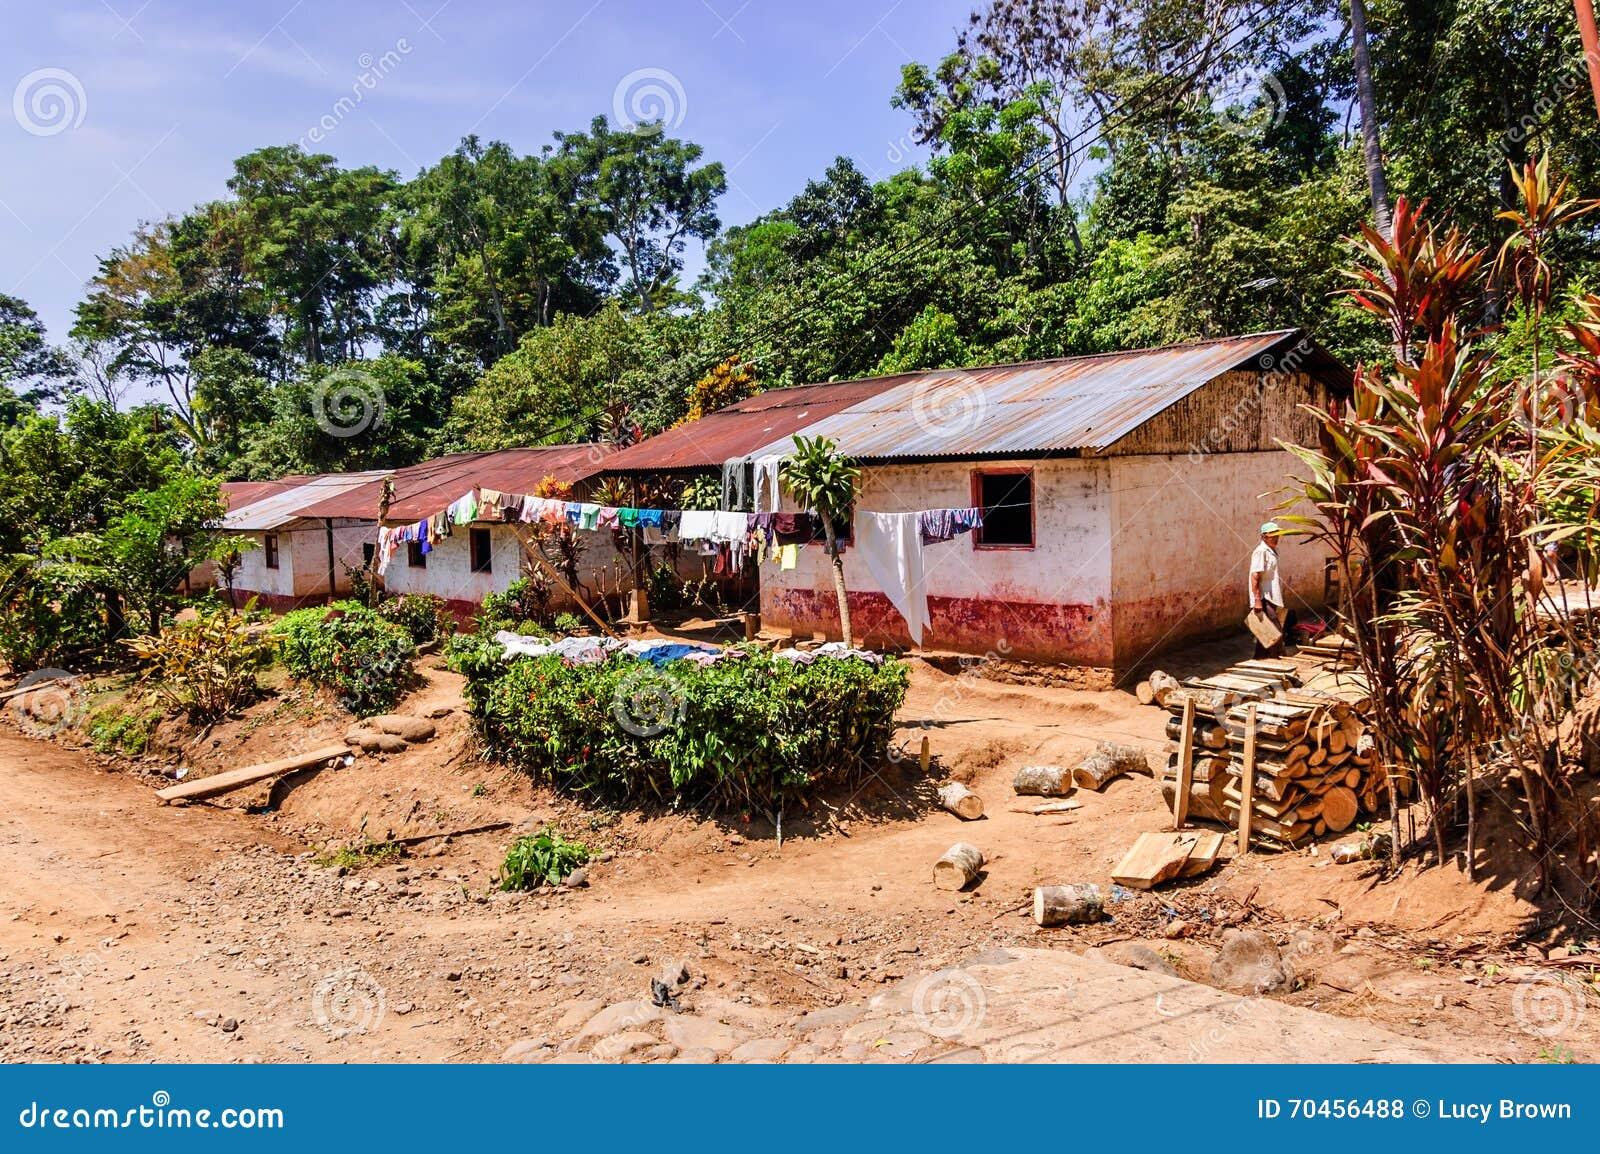 Rubber plantation business plan